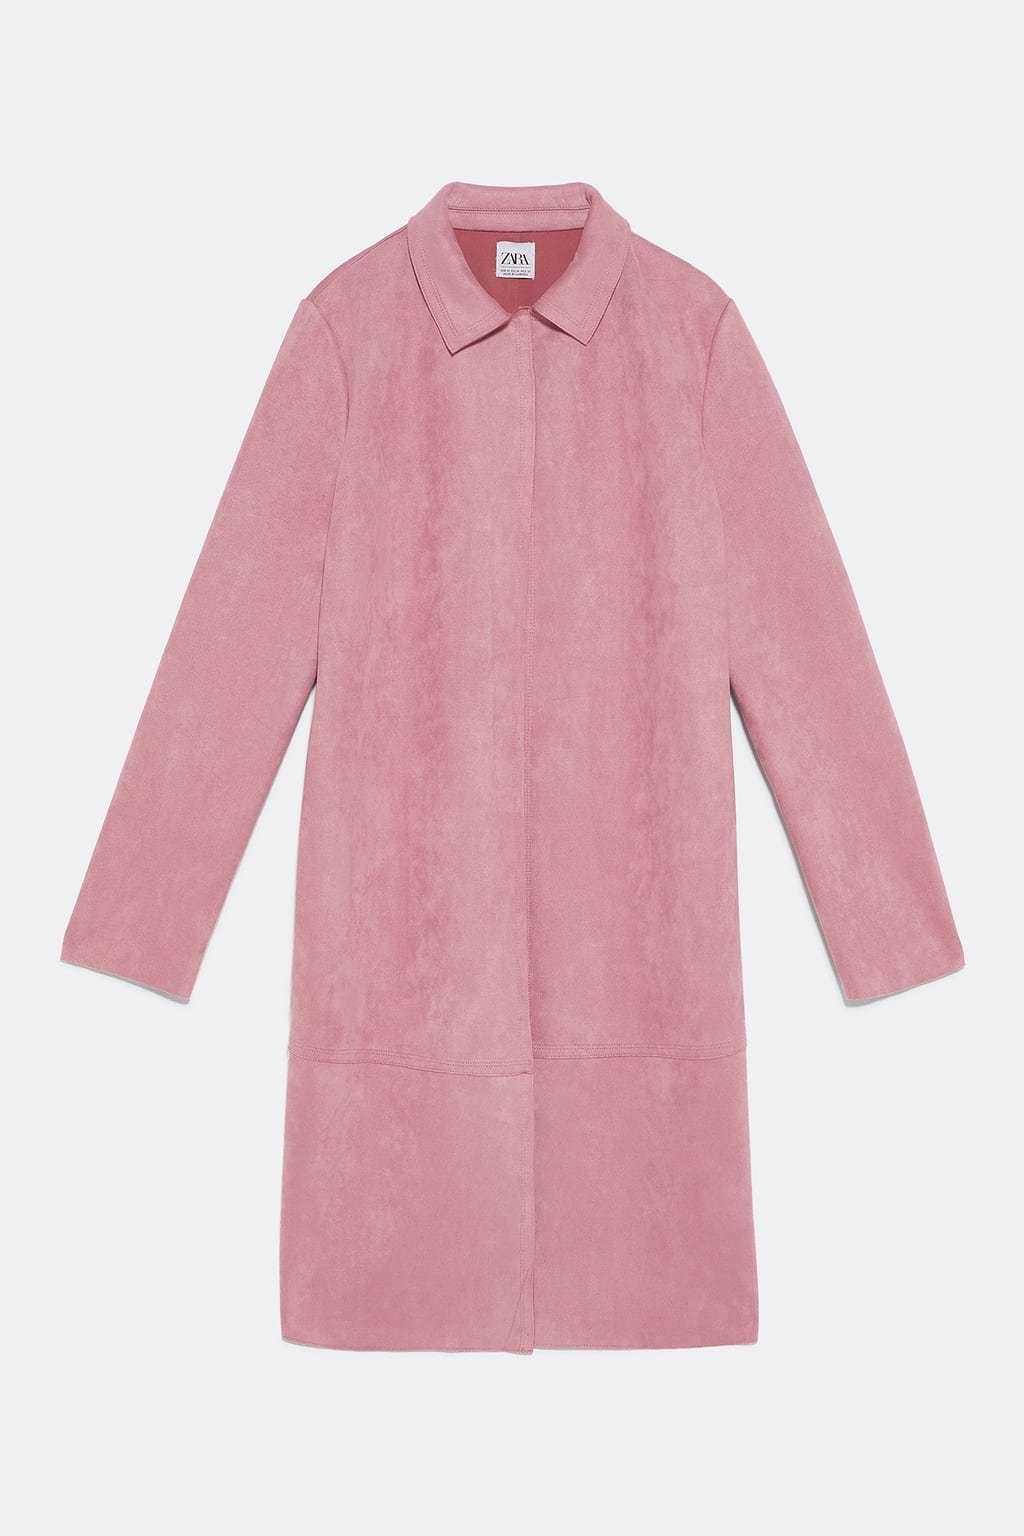 Abrigo ligero en ante rosa, de Zara (29,95 euros).